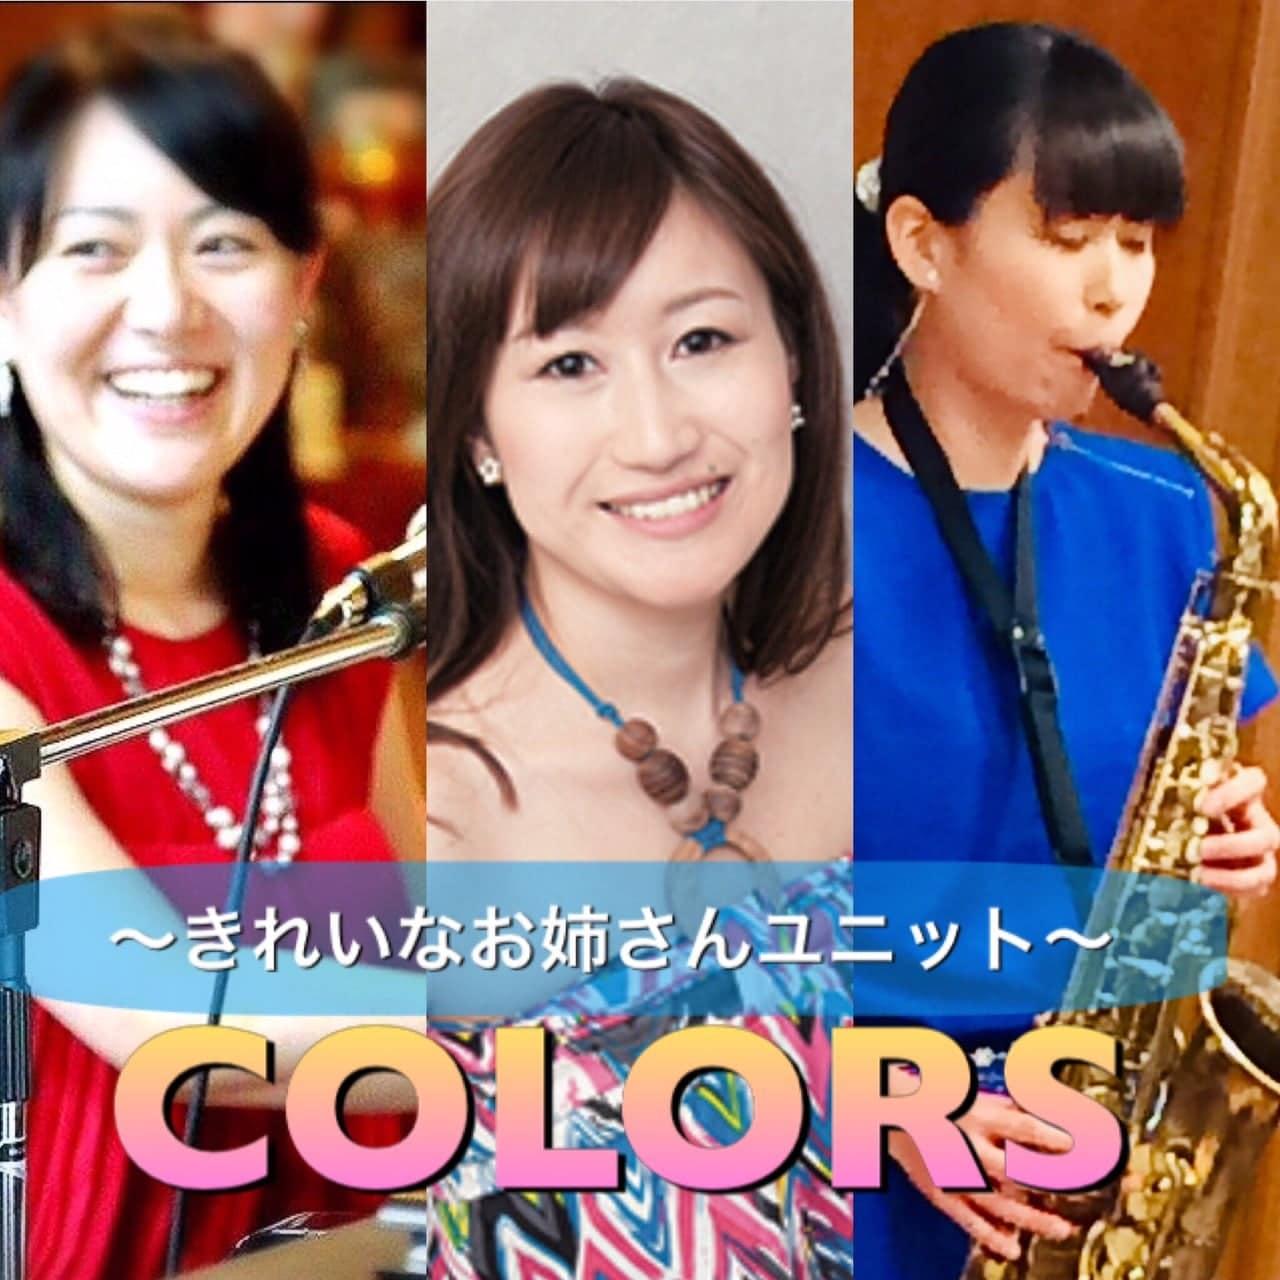 【演奏】〜きれいなお姉さんユニット〜COLORSのイメージその1